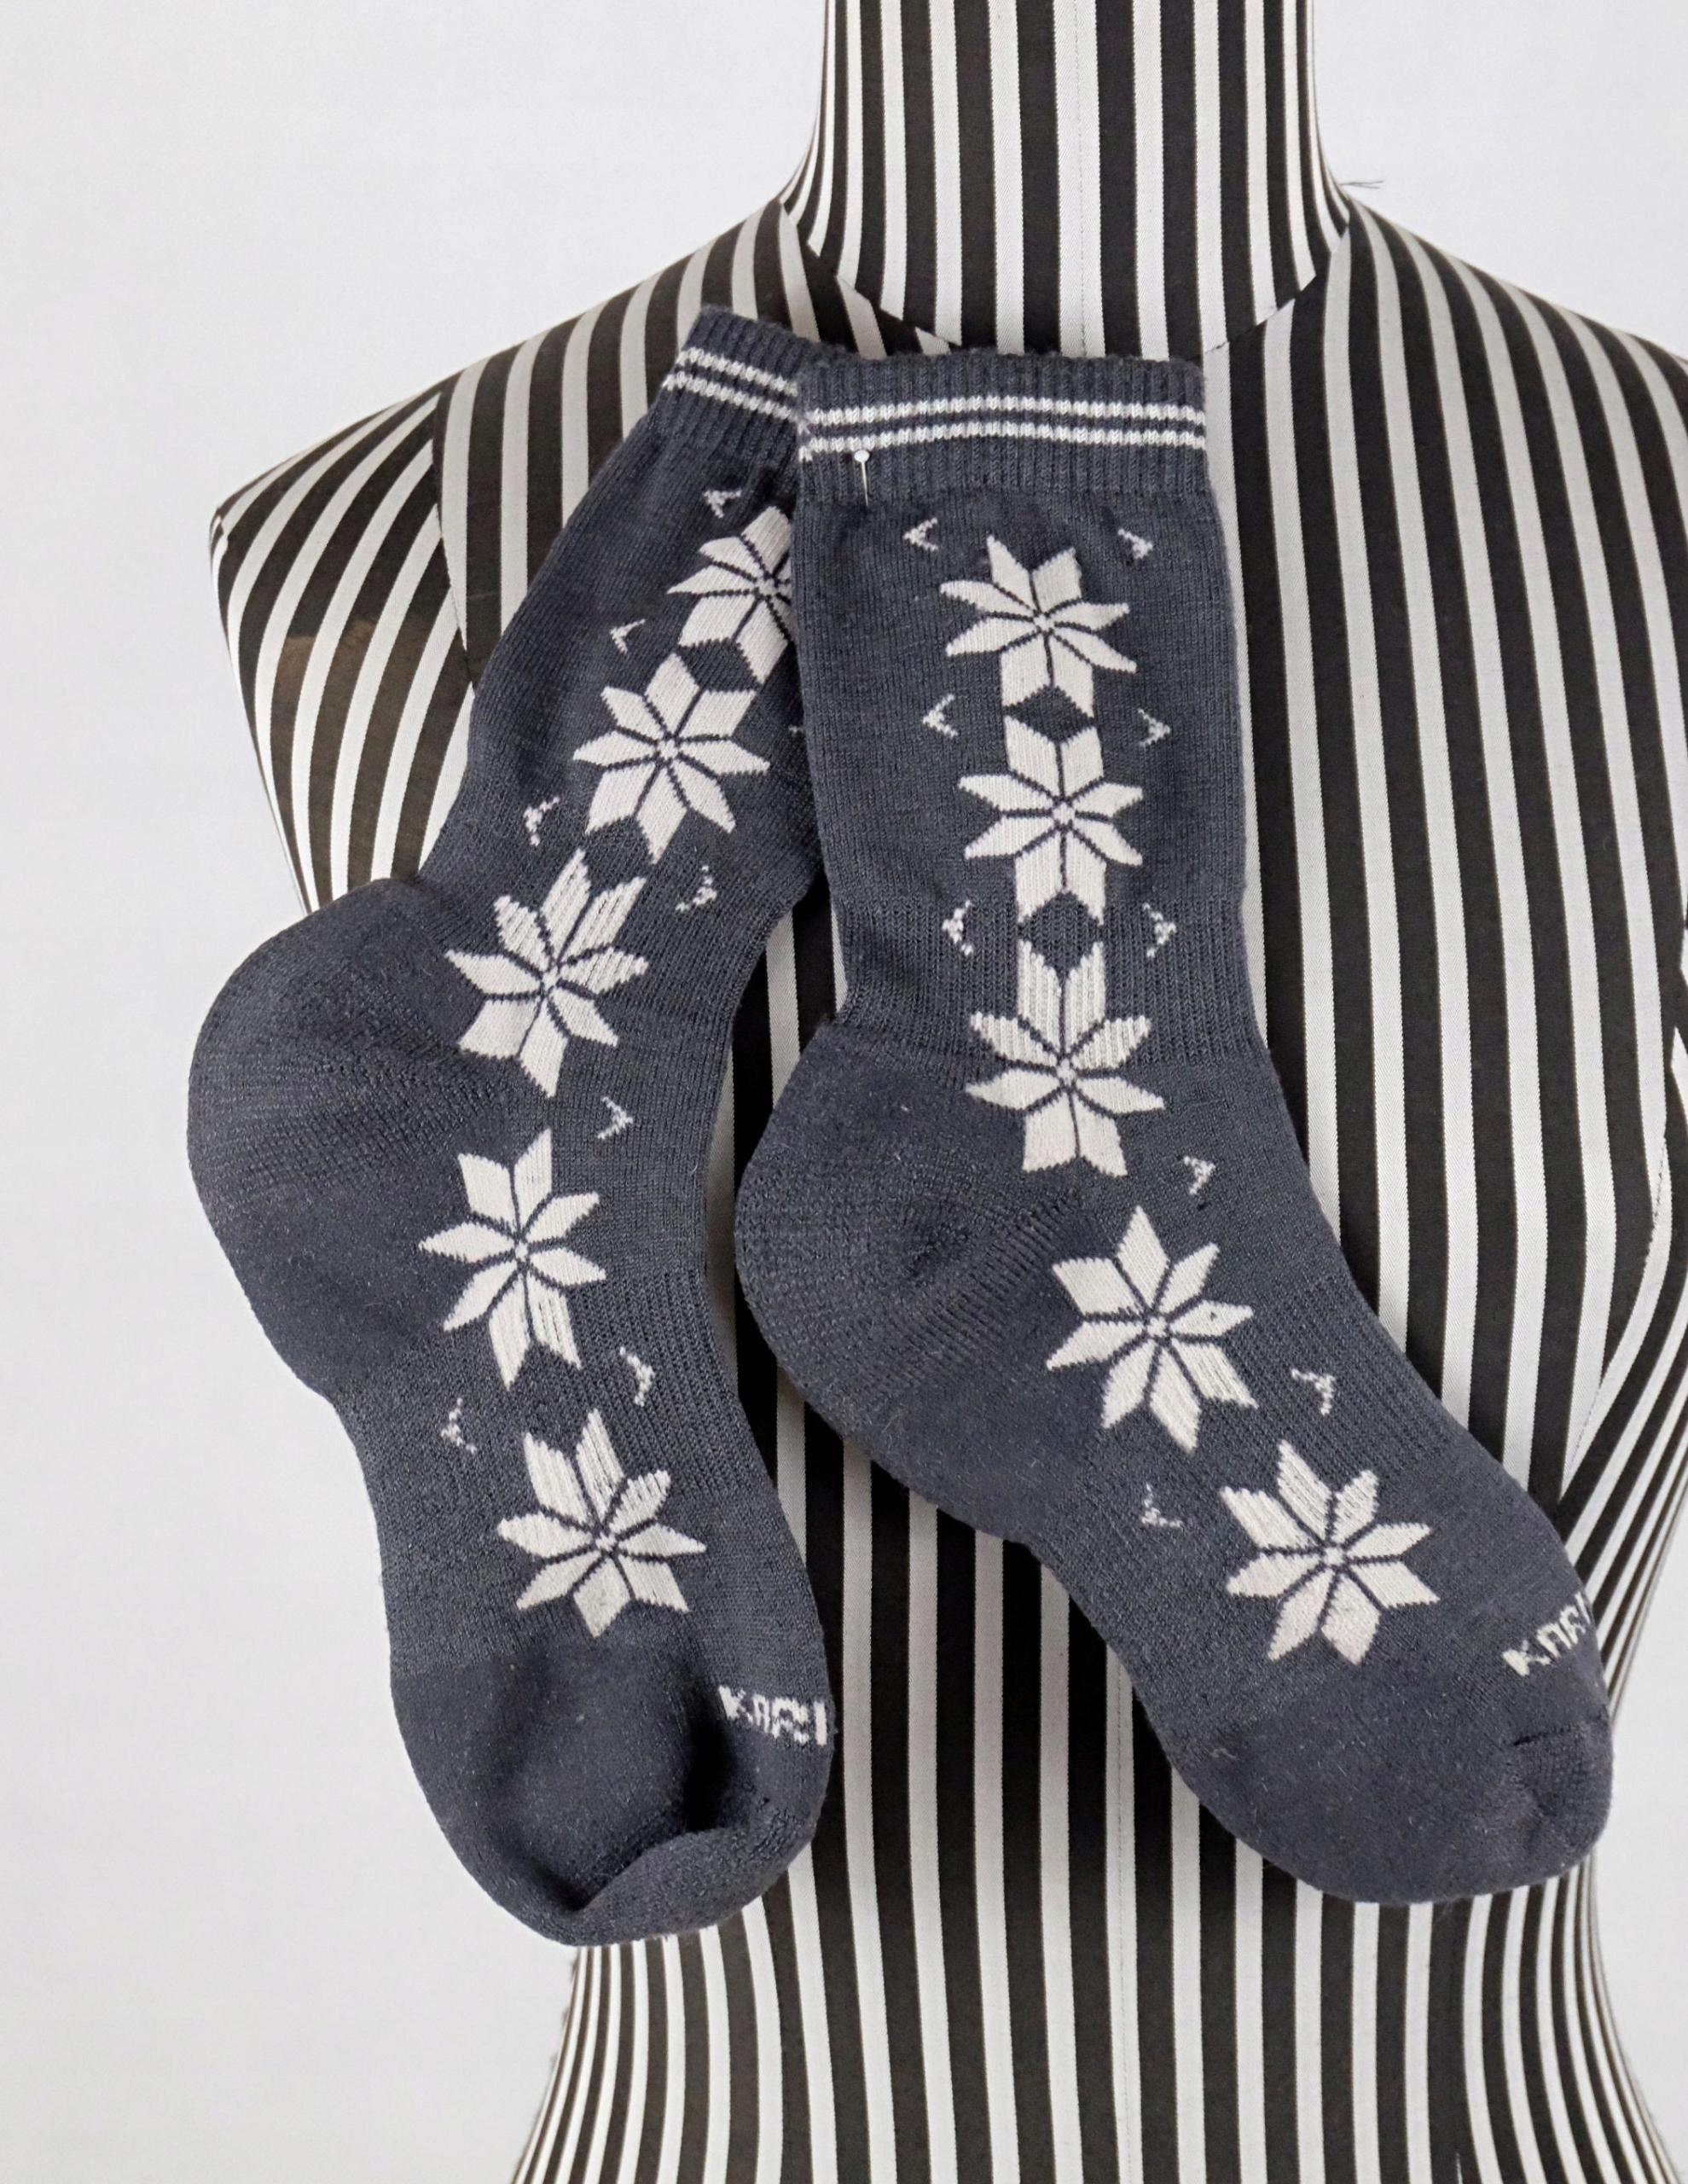 KARI TRAA Vinst Socks skarpety wełna wool 38-39 - 7704256293 ... efb149f616